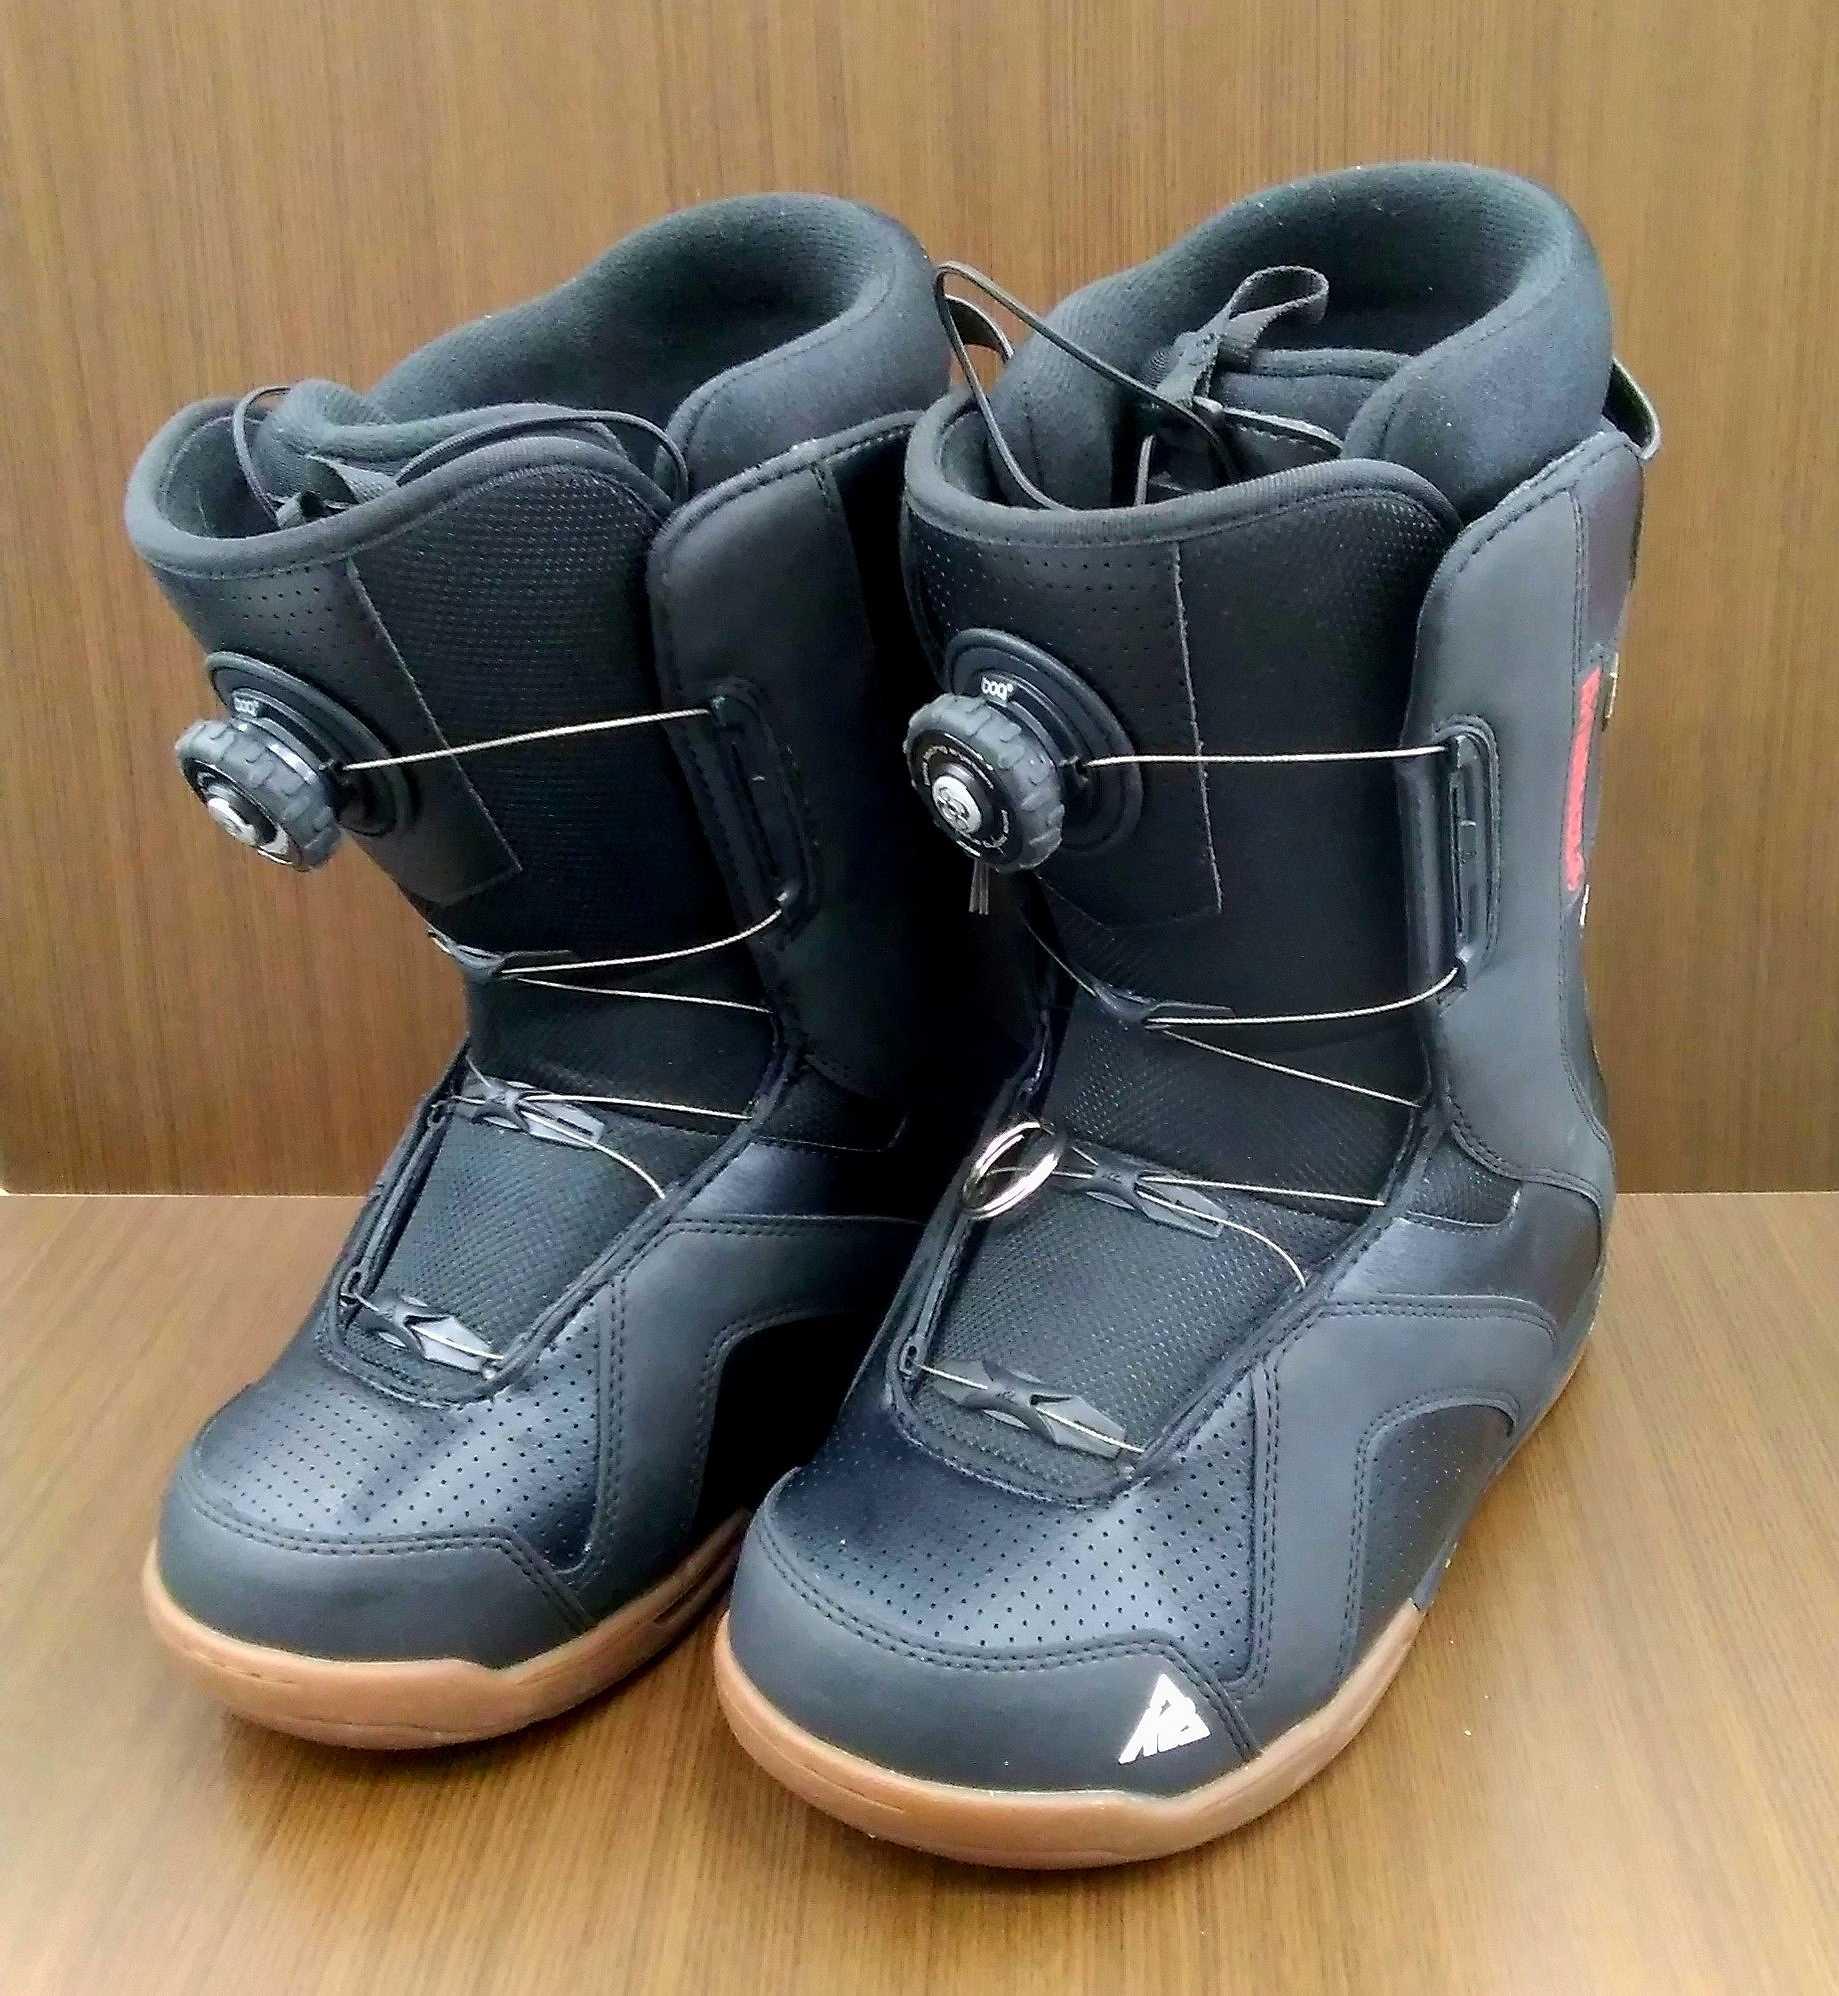 ボードブーツ|K2